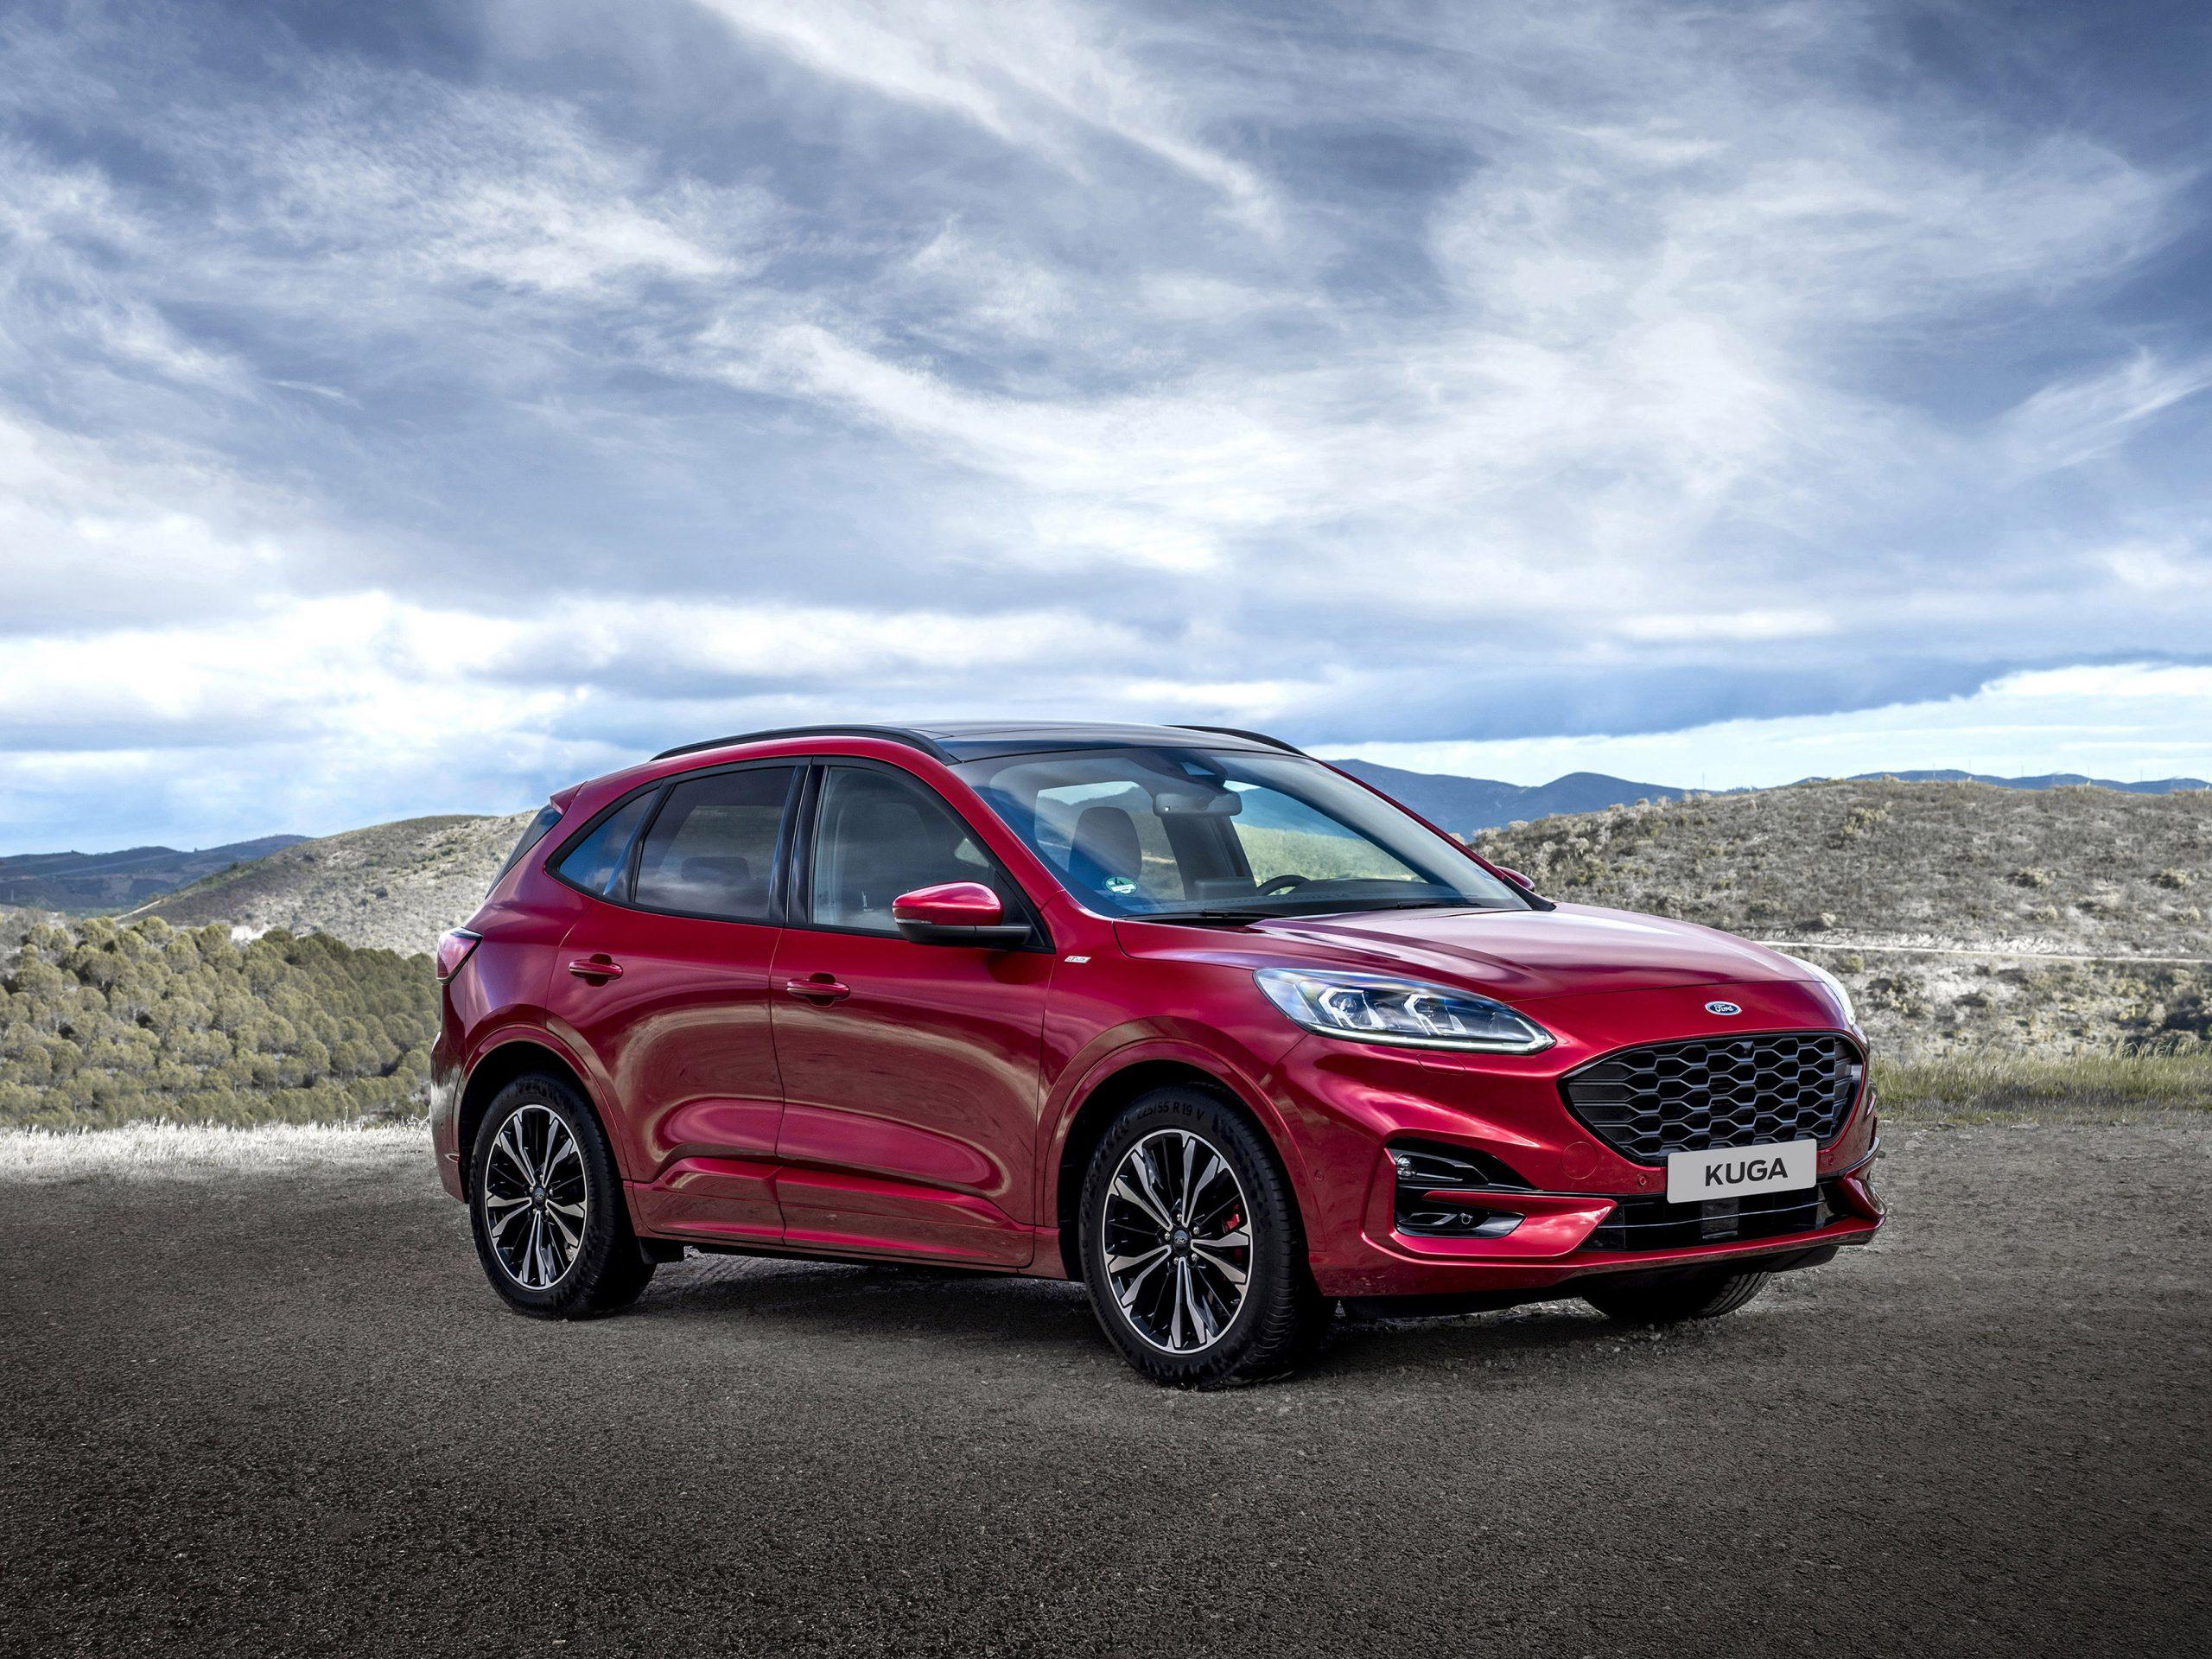 Yeni Ford Kuga, Euro NCAP'in ilk 'Sürüş Destek Sistemleri' testinde rakiplerini geride bıraktı